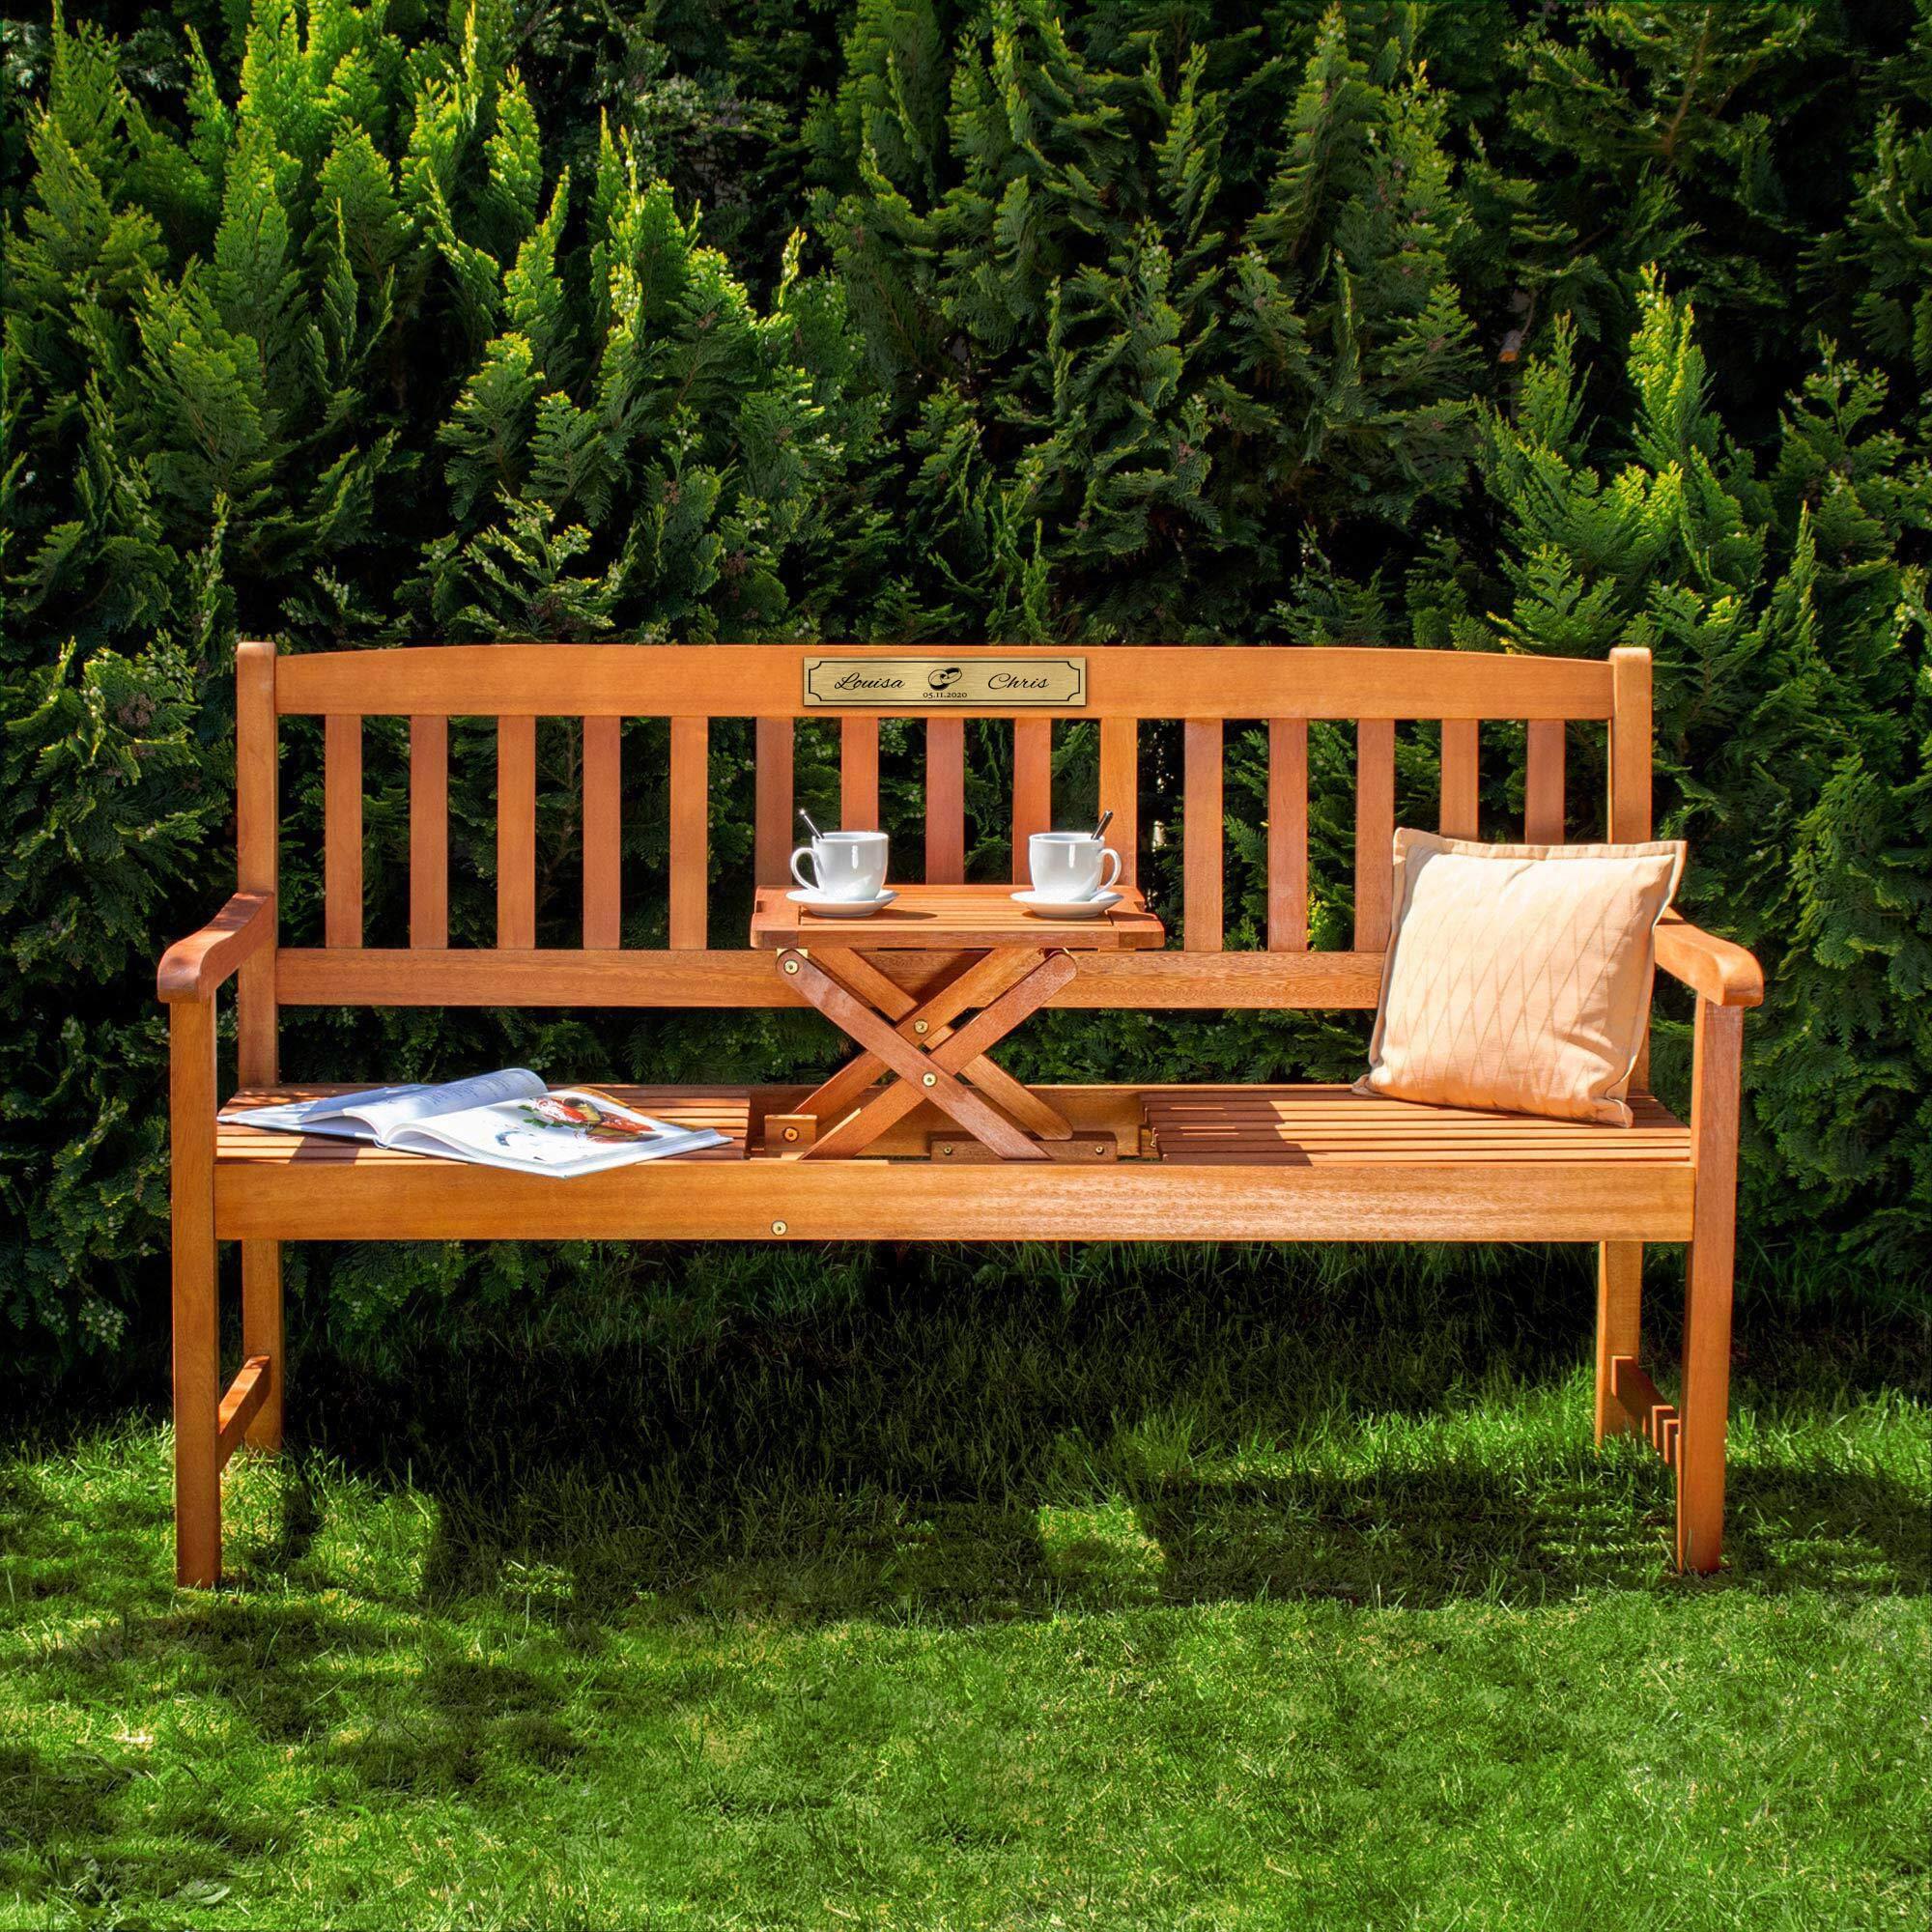 Gartenbank zur Hochzeit aus Holz mit personalisierter Plakette